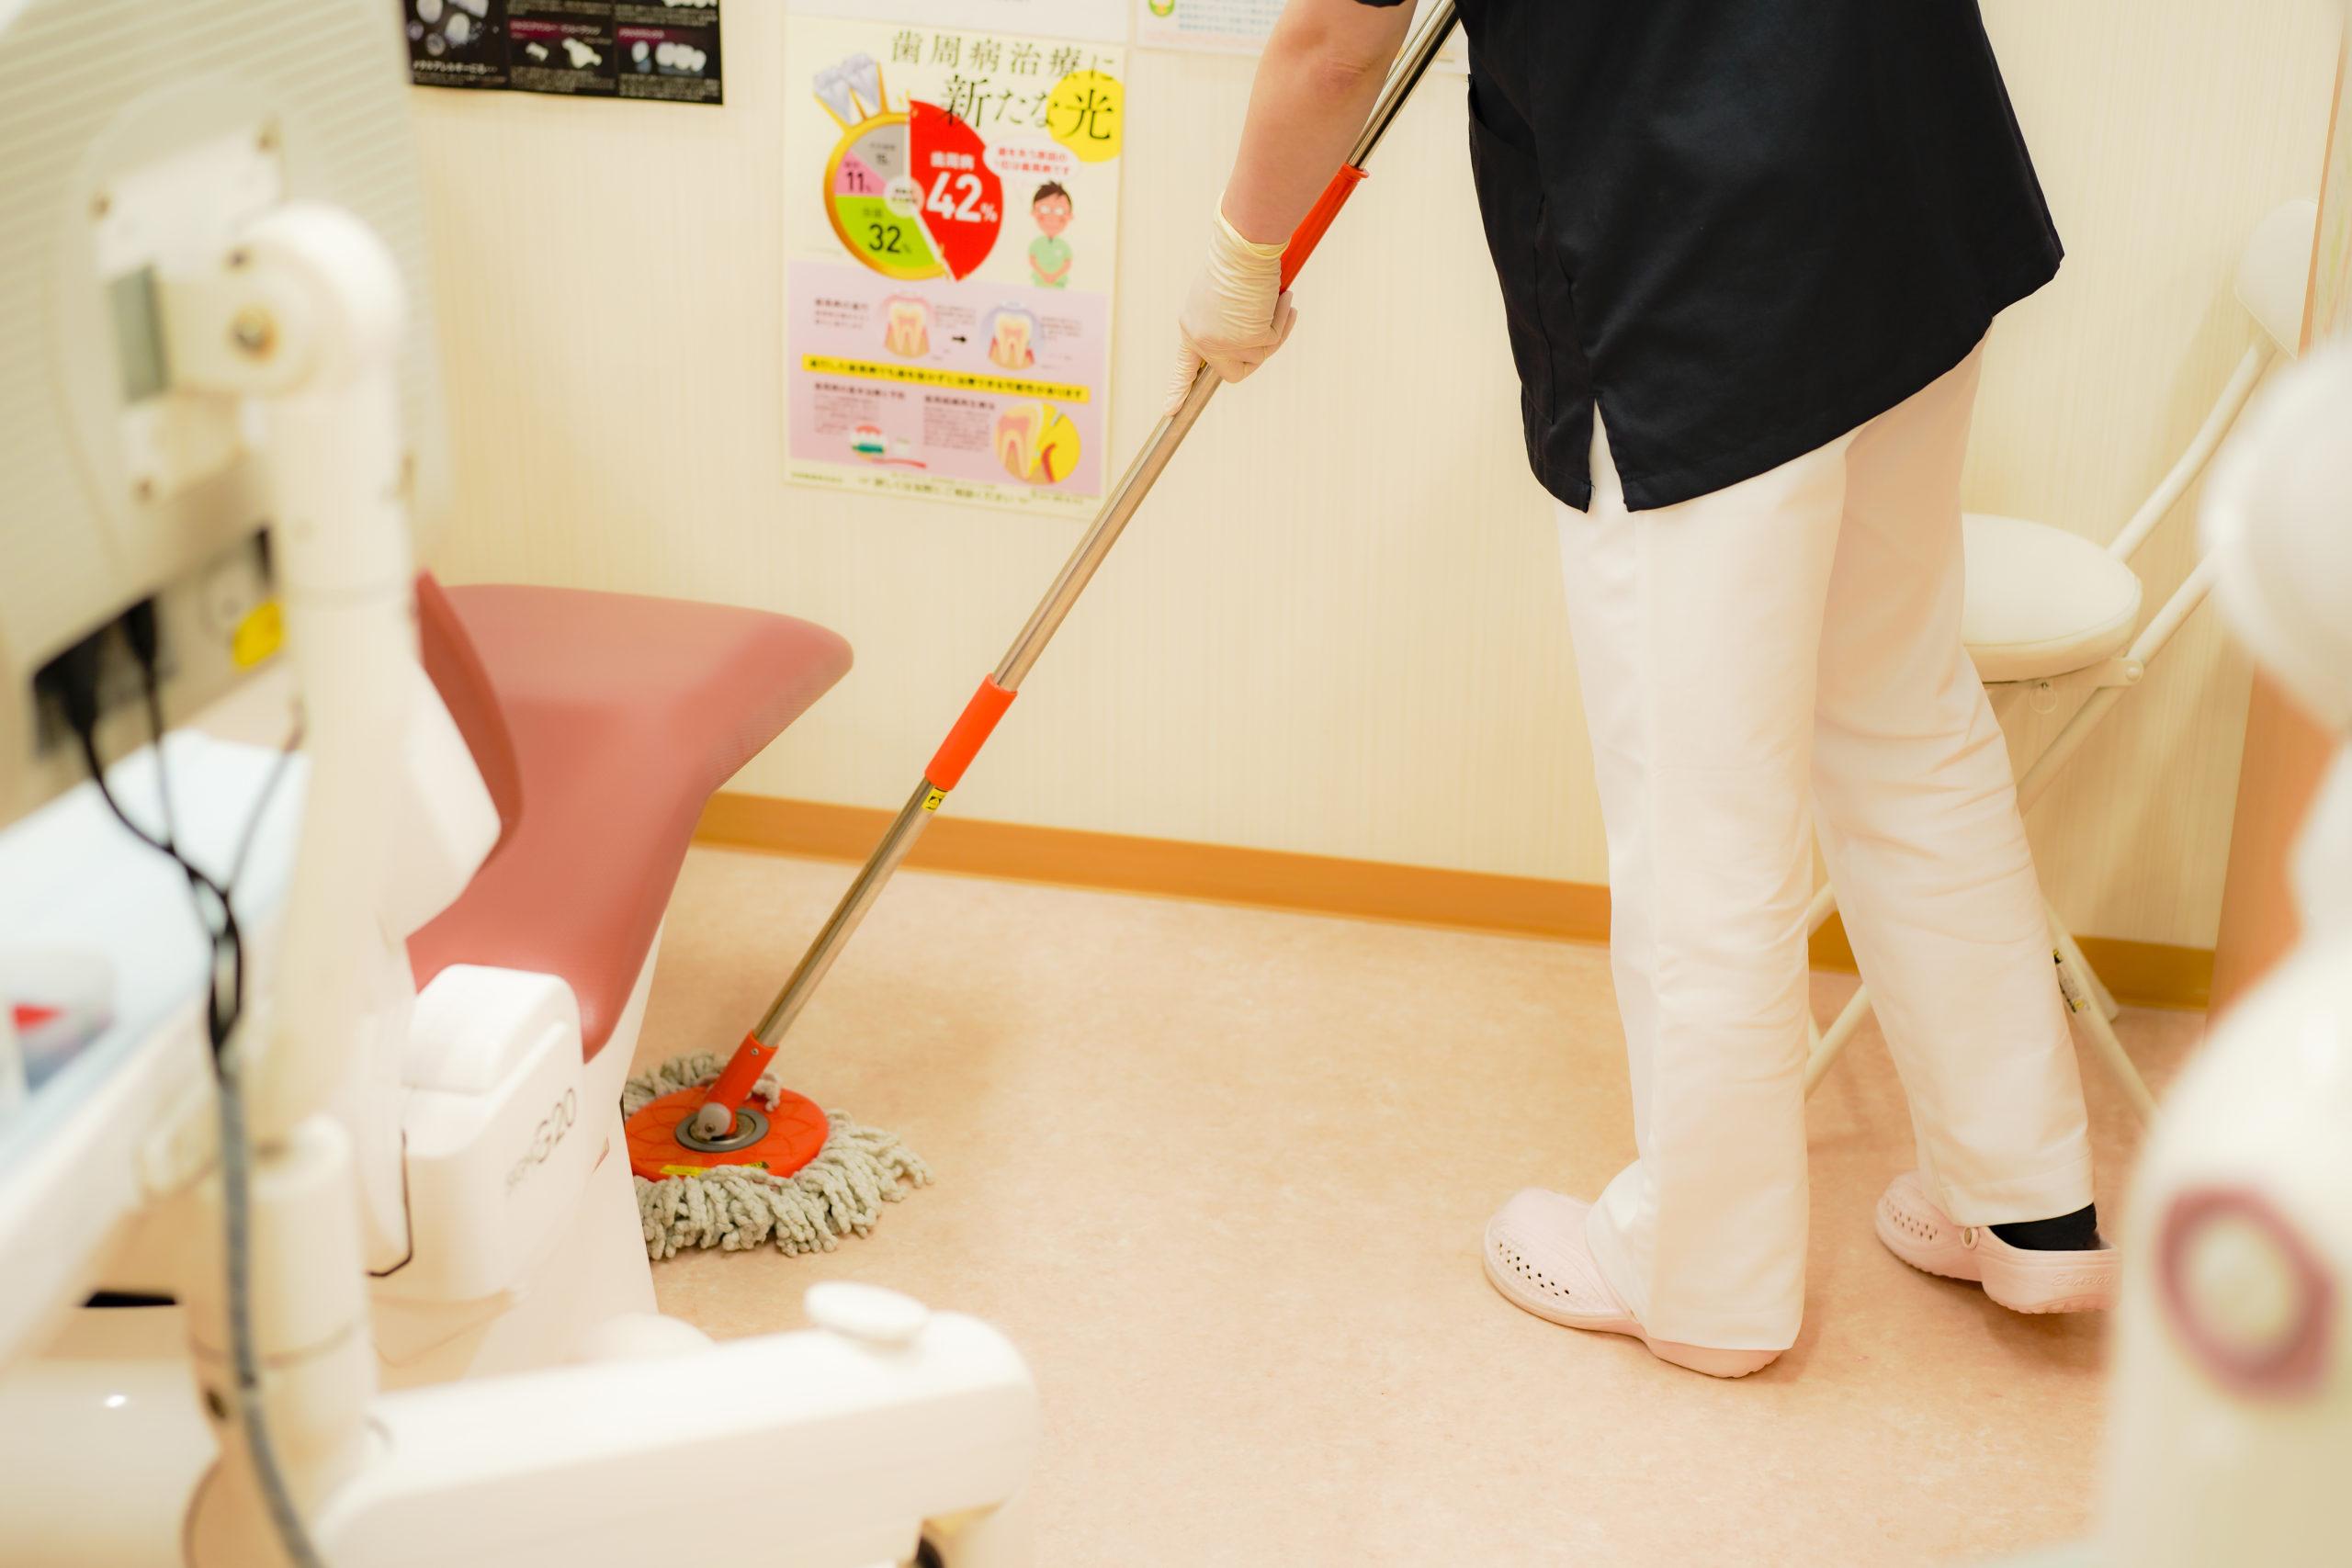 久喜市 いしはた歯科クリニック 感染症対策